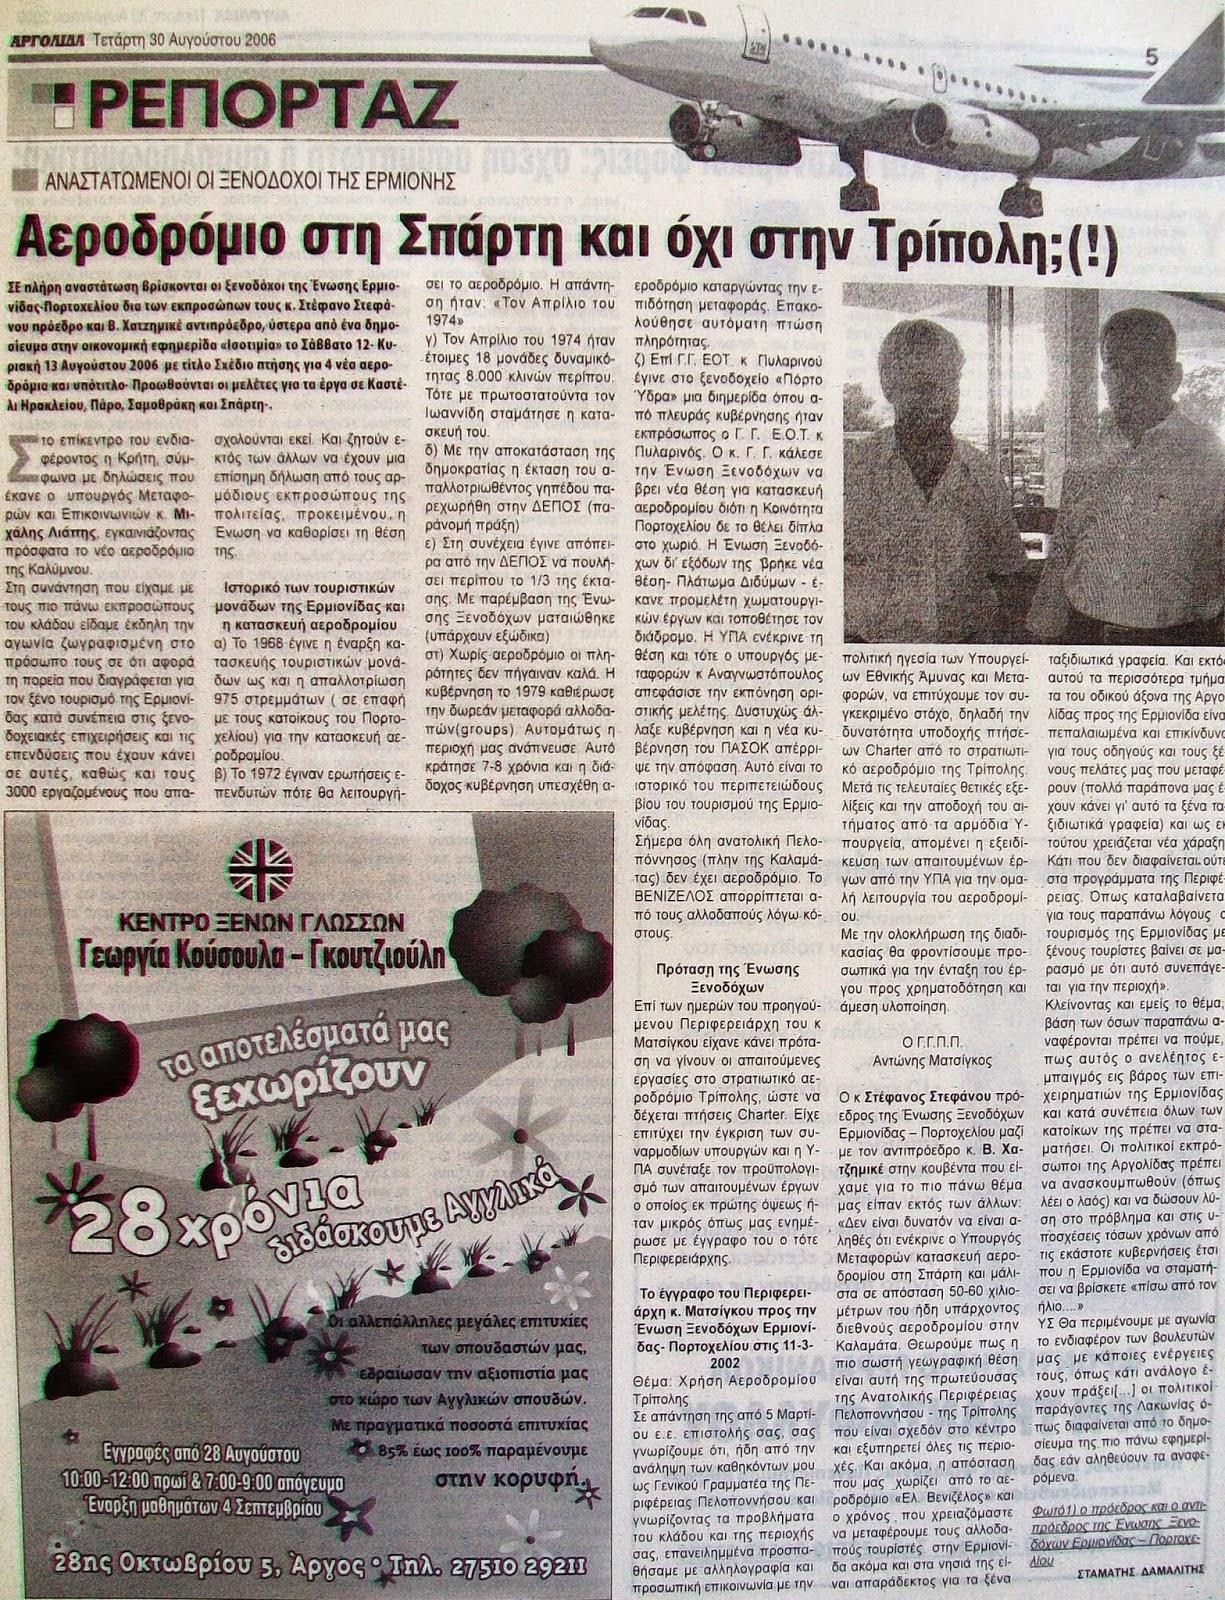 Μια πολύ παλιά ιστορία... -  το στρατιωτικό αεροδρόμιο της Τρίπολης γίνεται και πολιτικό....